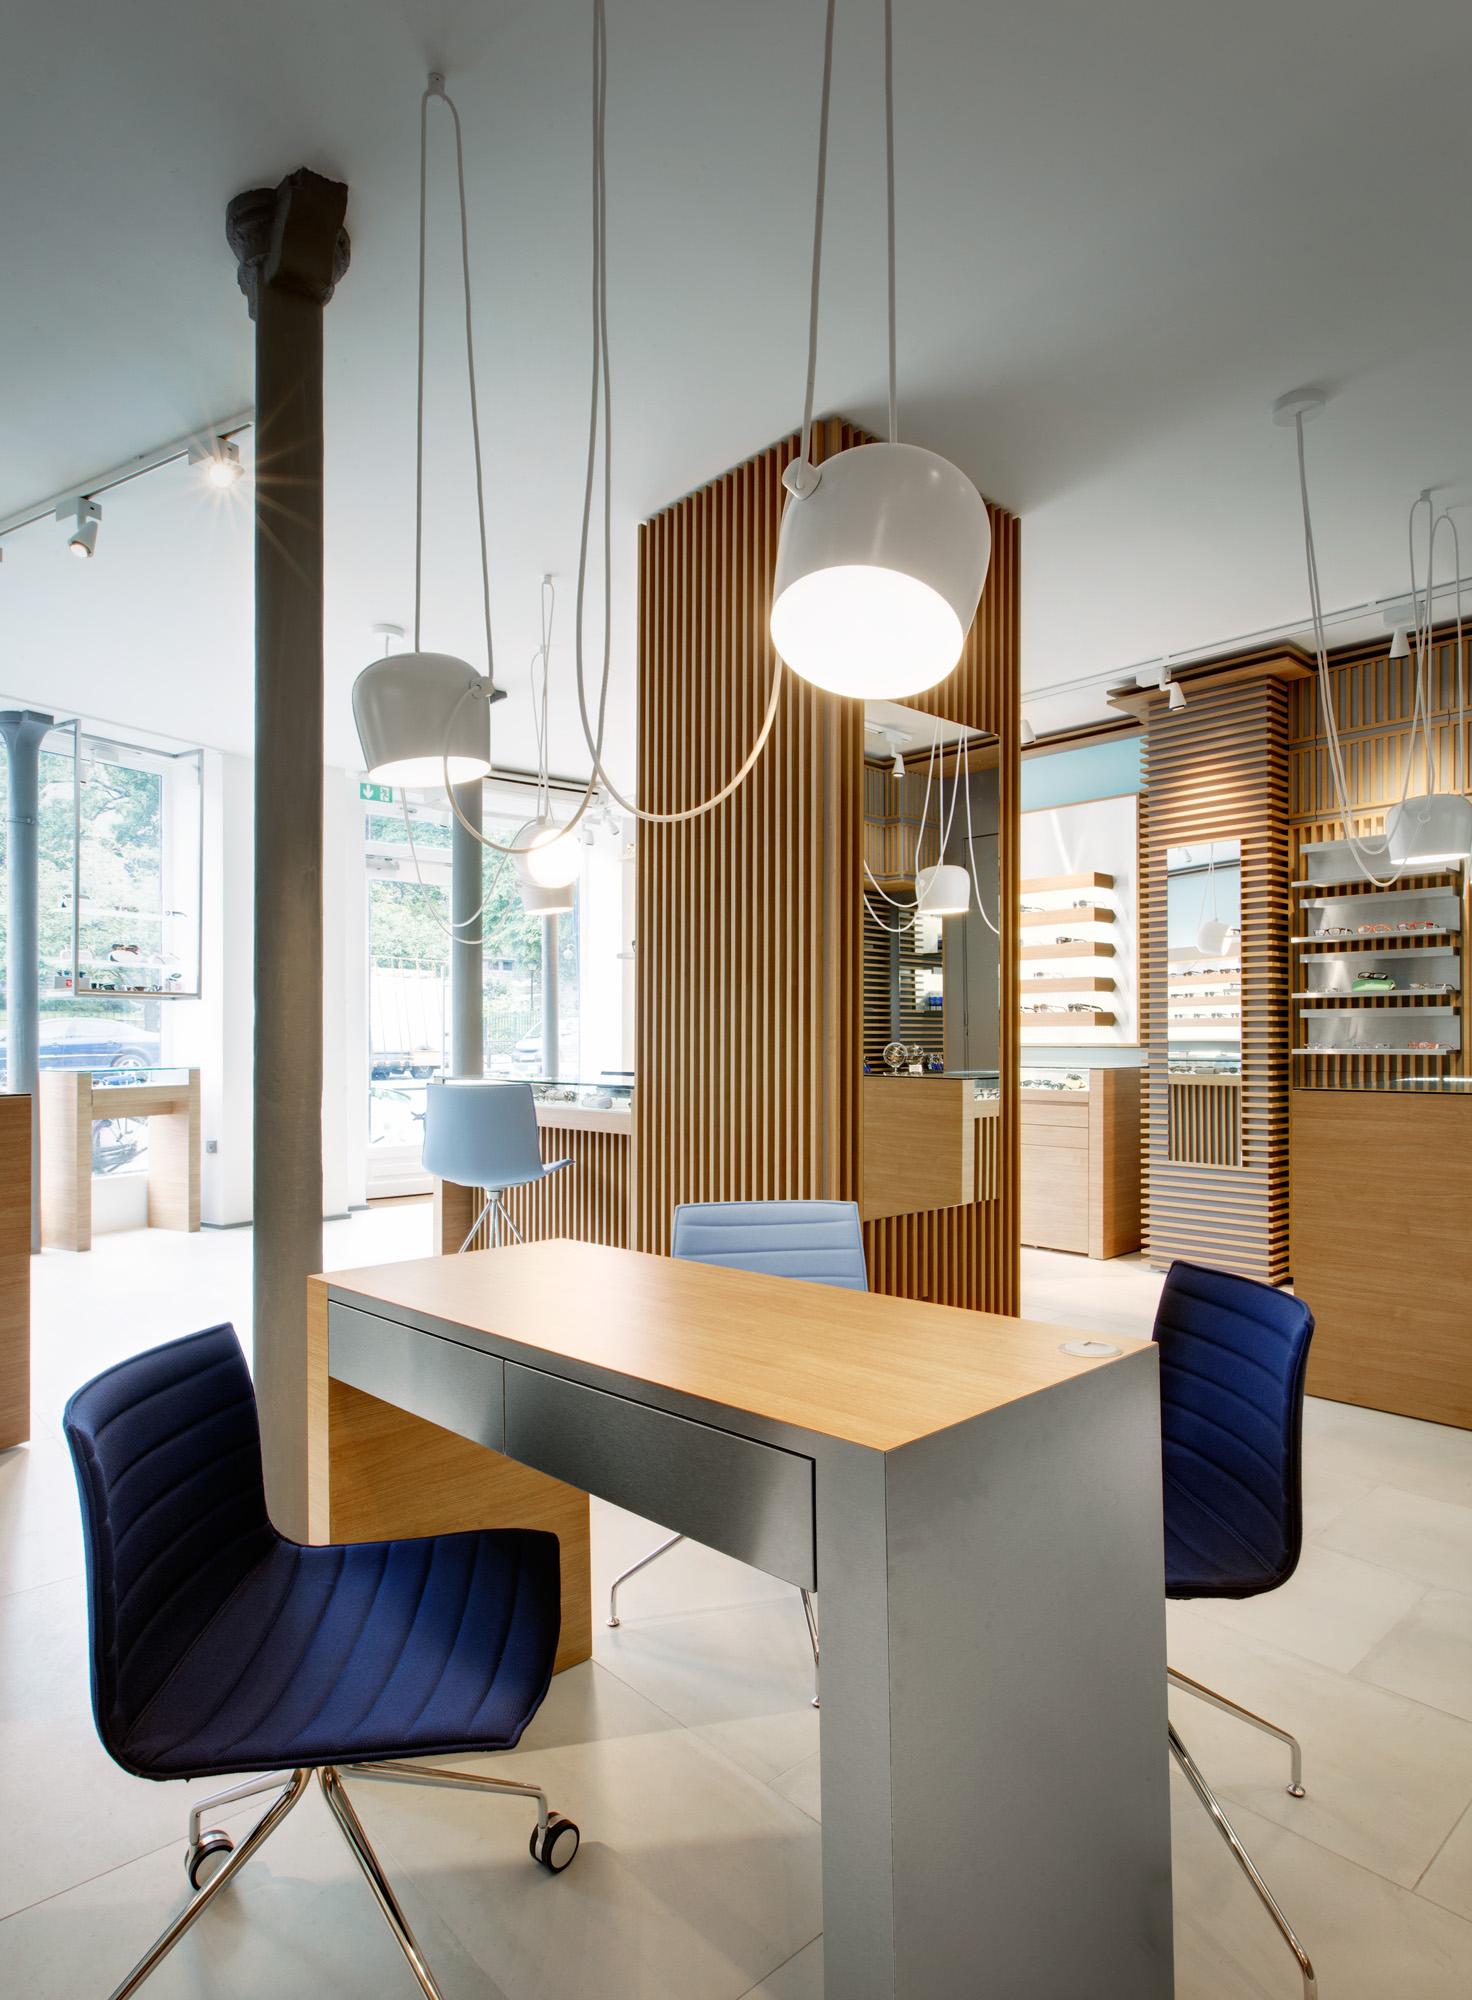 8-pisidesign-alessandra-pisi-architecte-agencement-opticien-design-thomas_opticien-08